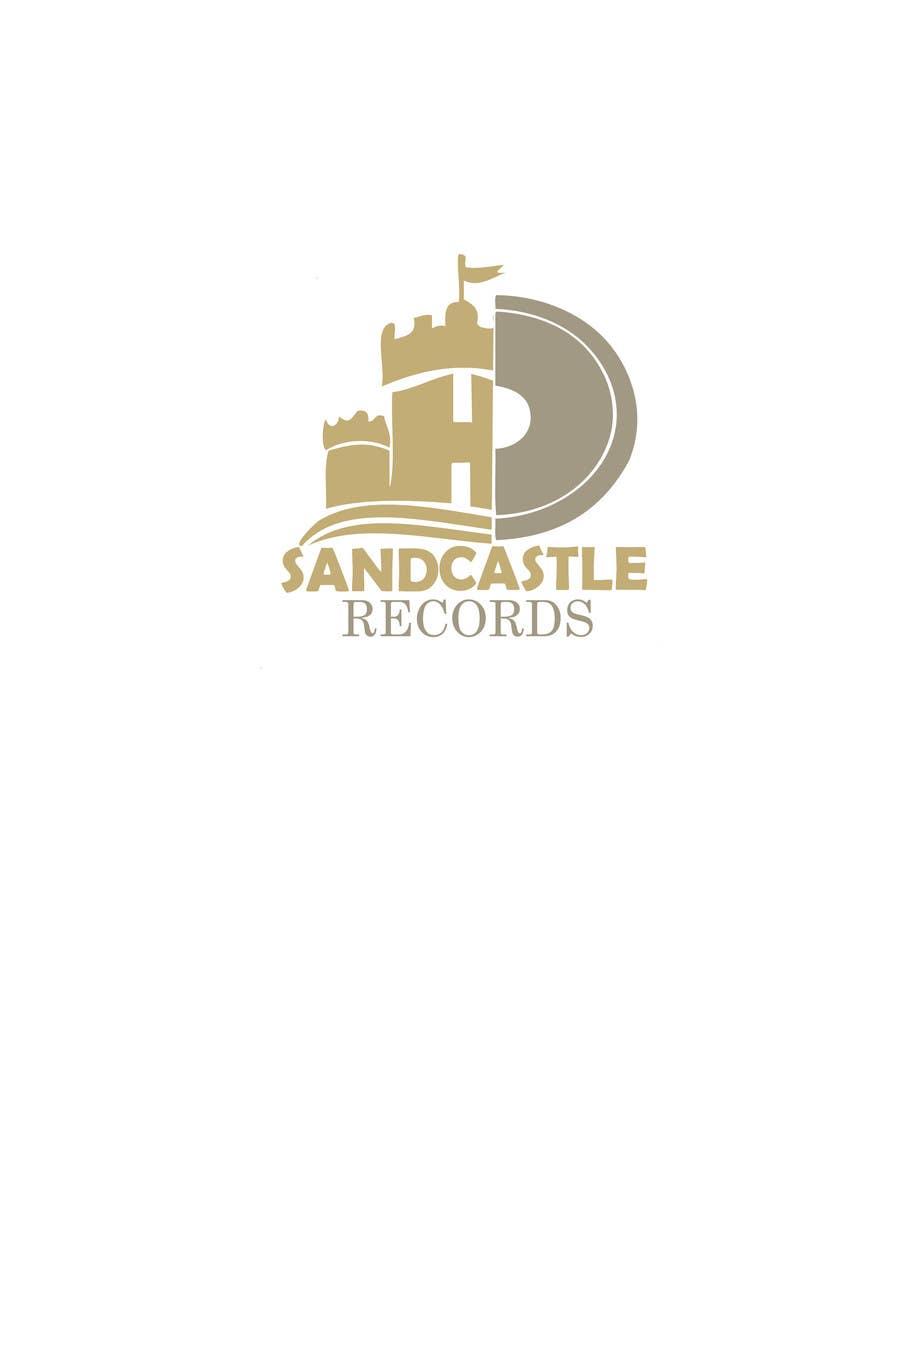 Inscrição nº                                         62                                      do Concurso para                                         Sandcastle Records